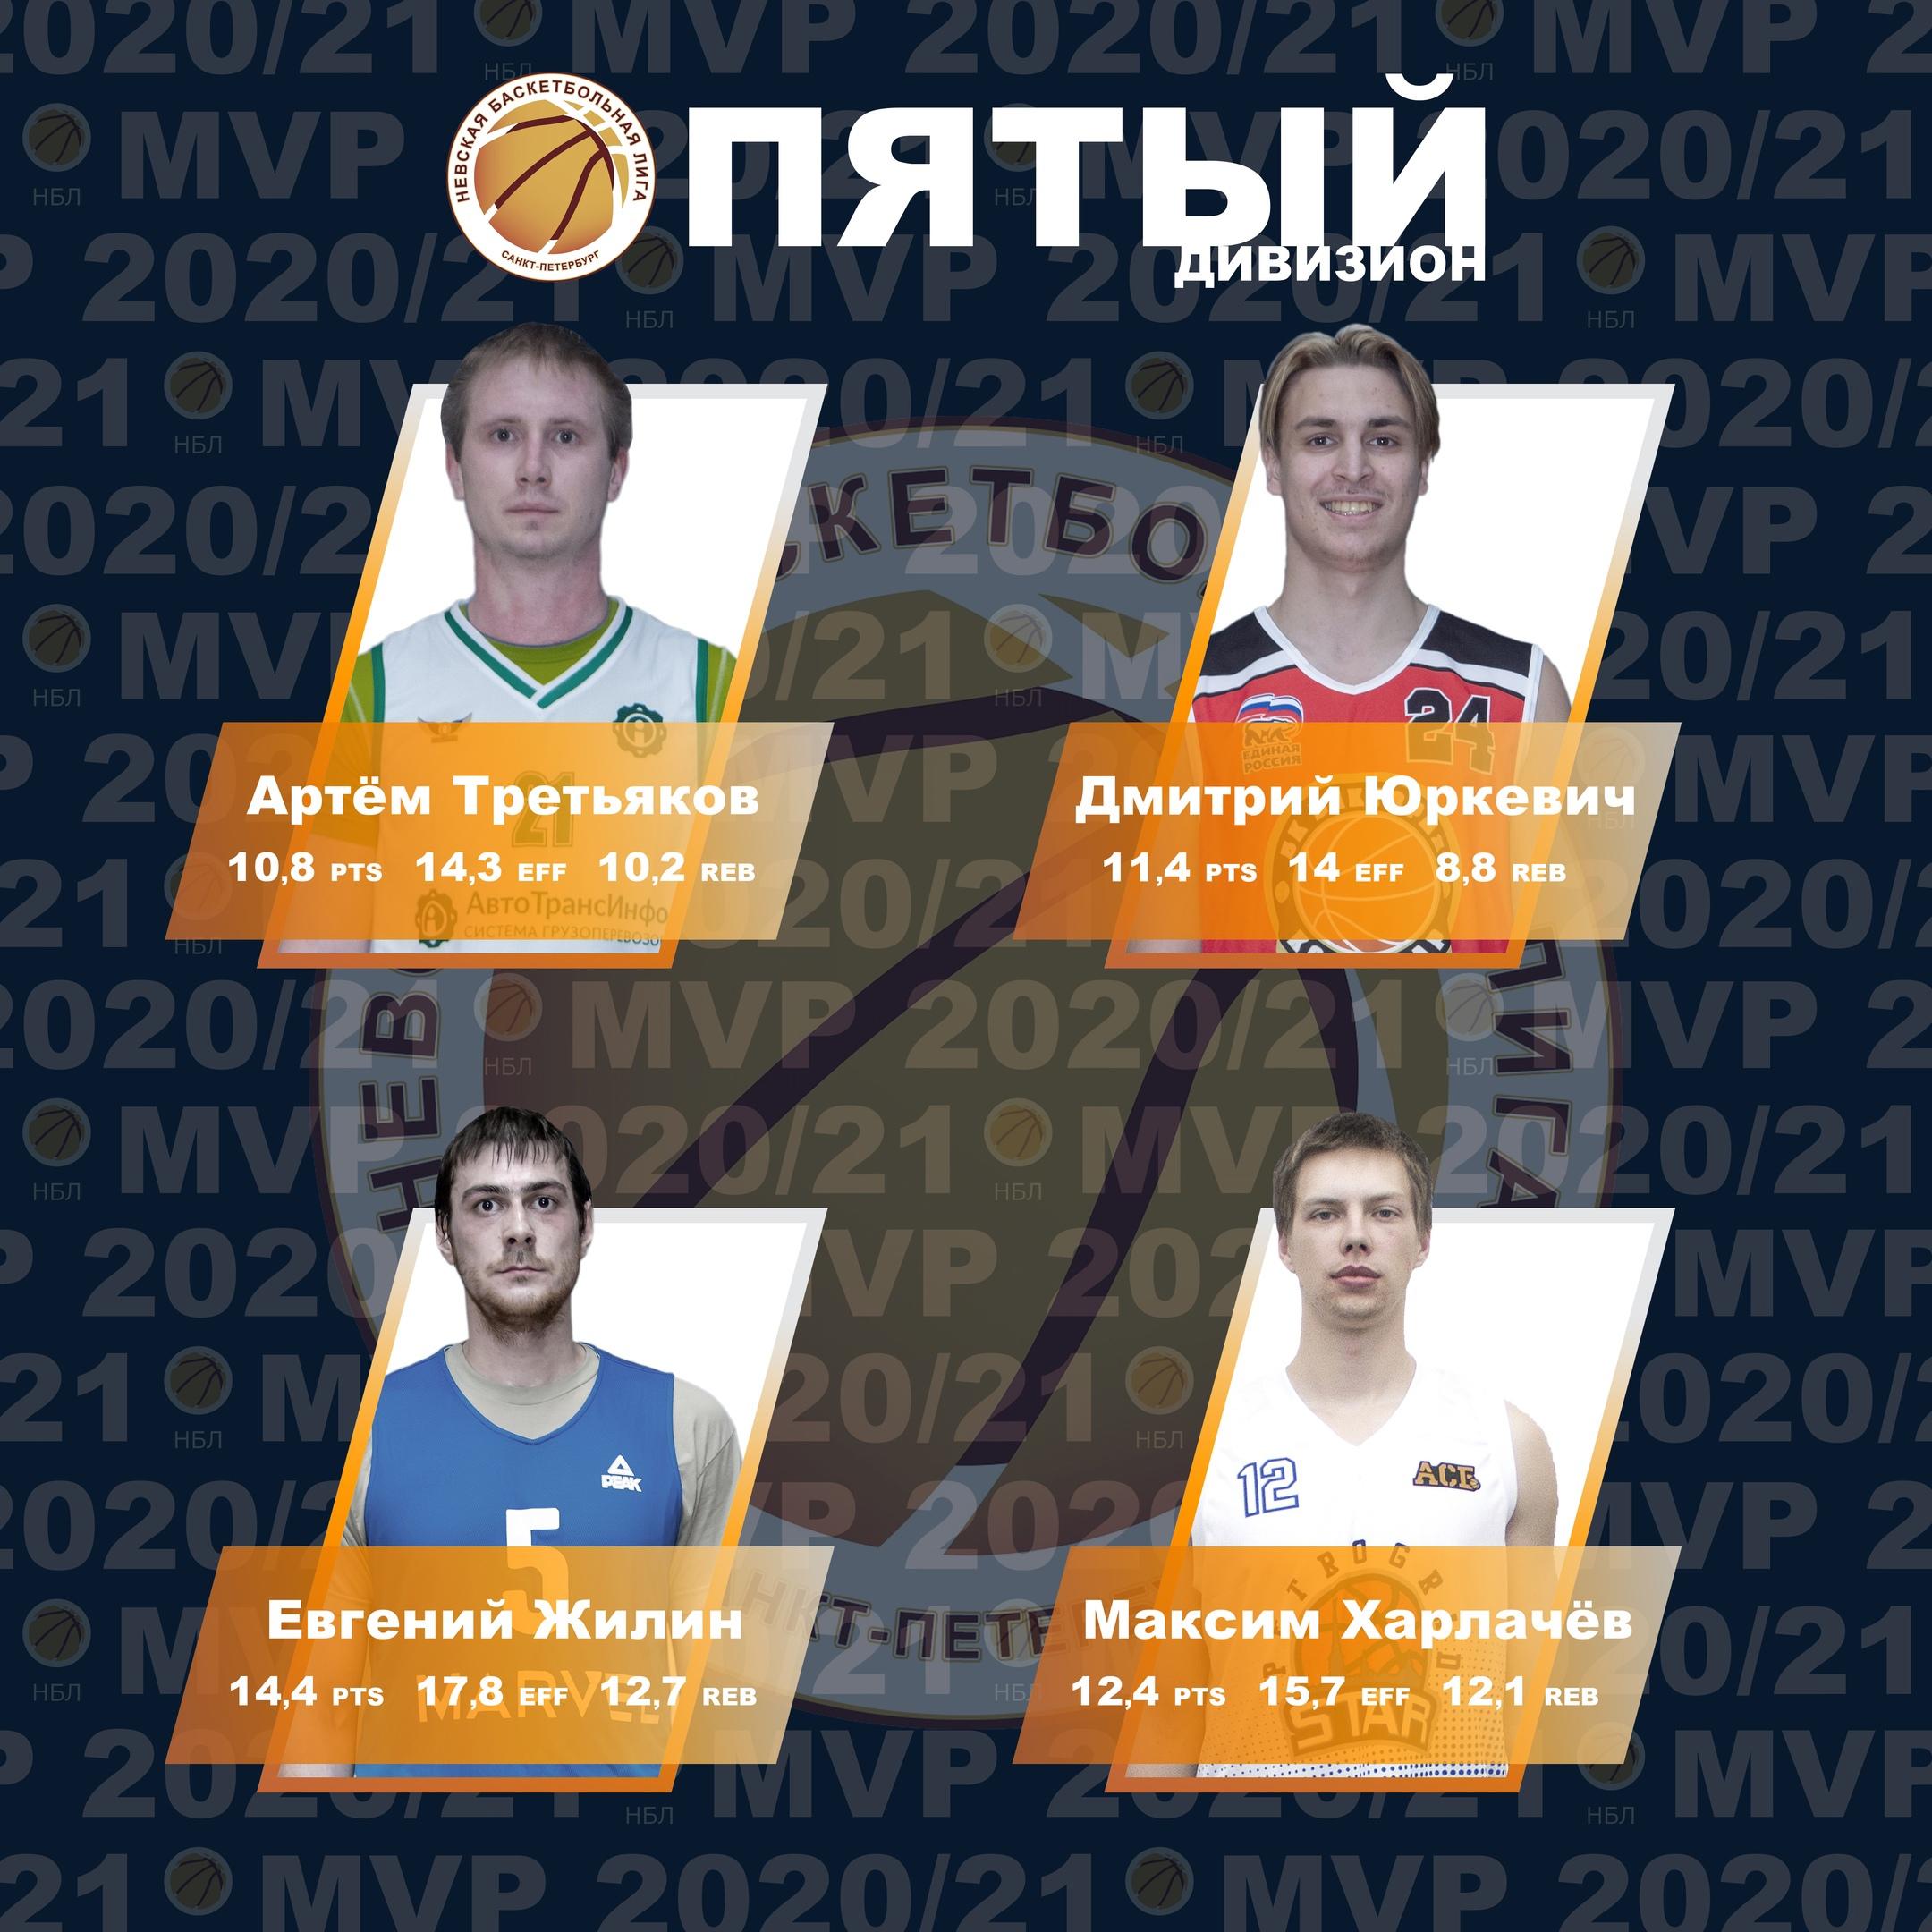 Номинанты MVP Пятого Дивизиона